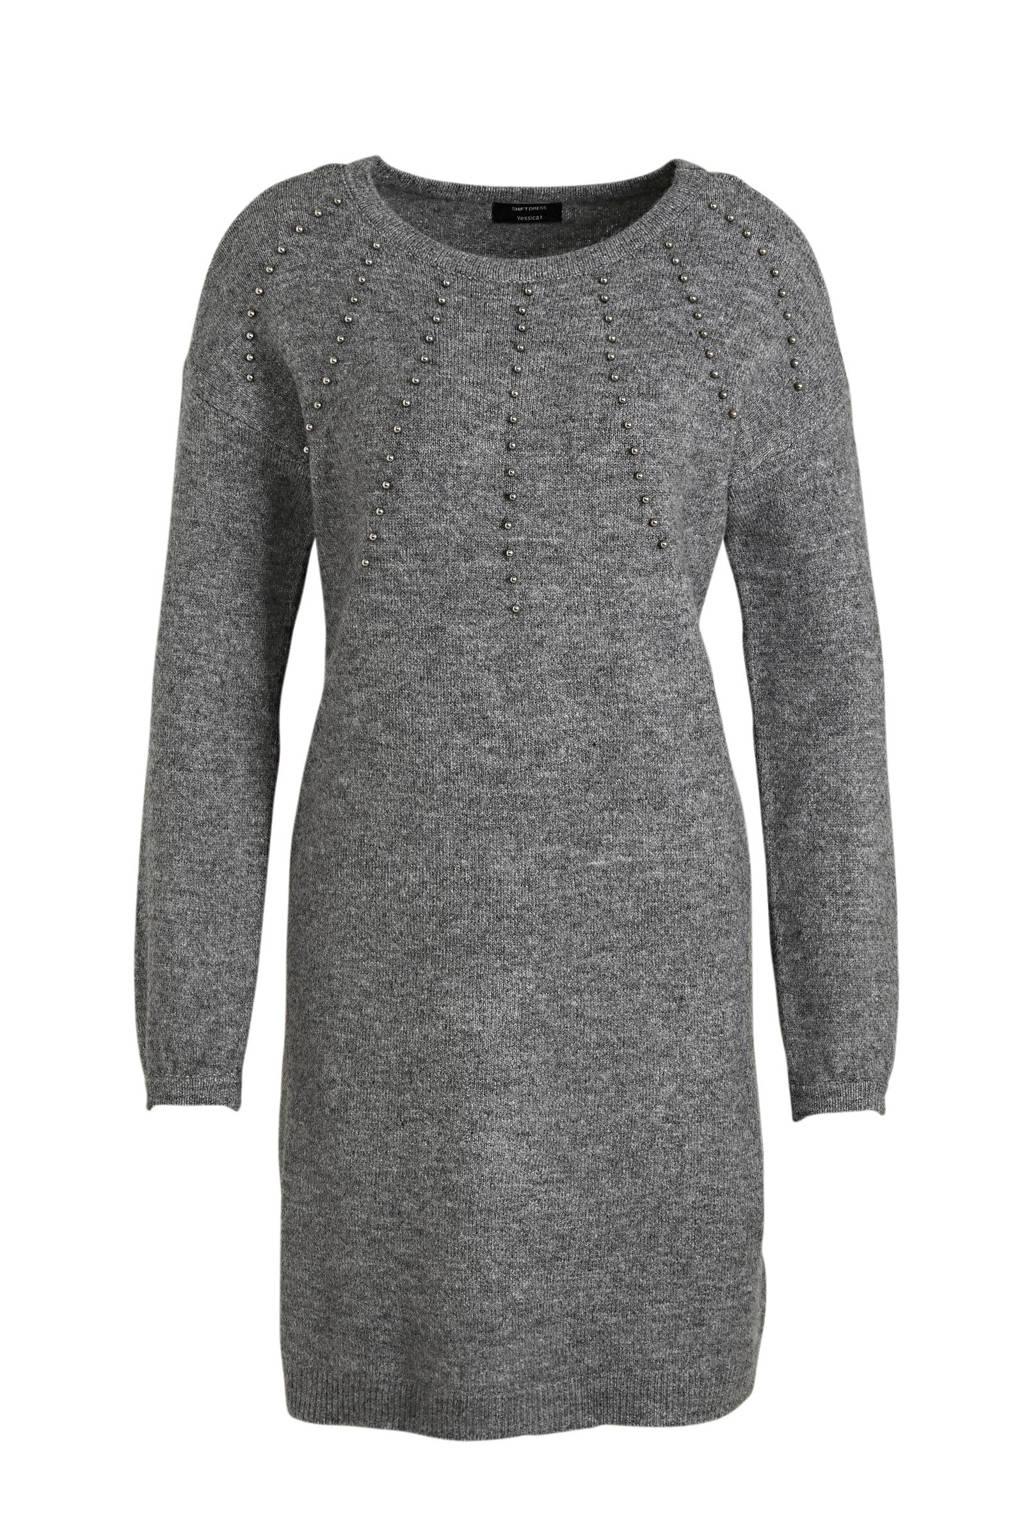 C&A Yessica gemêleerde fijngebreide jurk grijs, Grijs